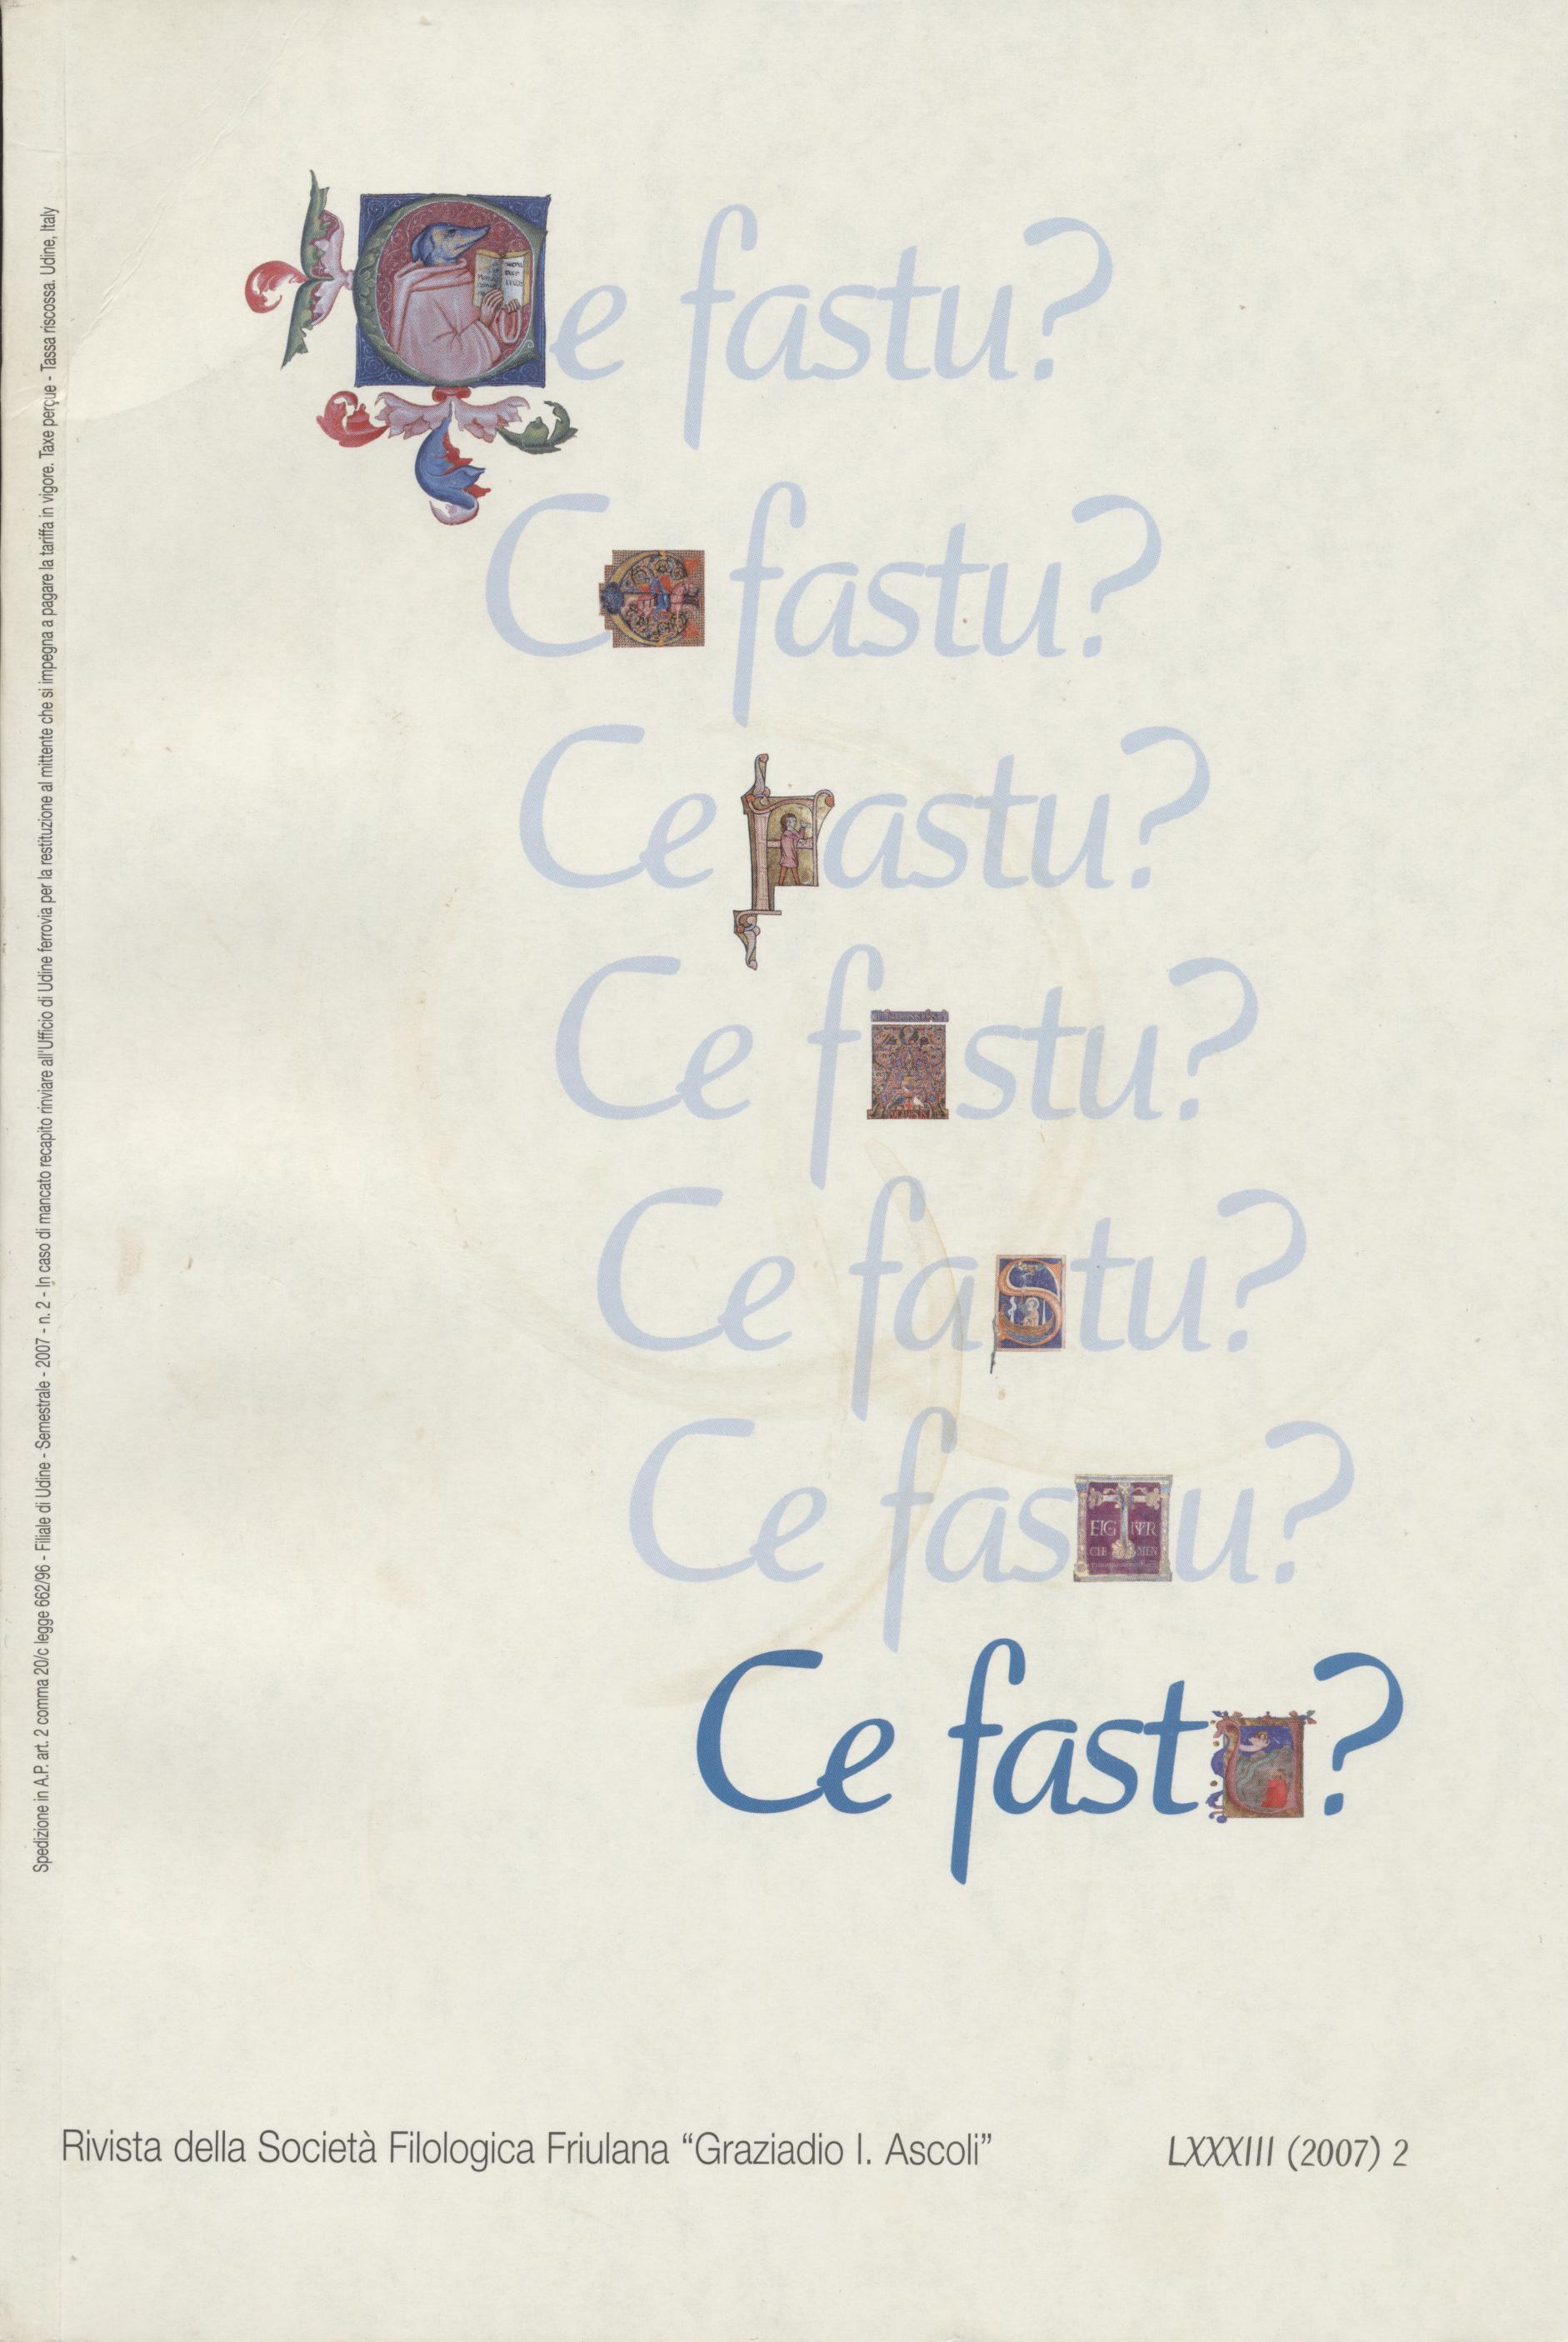 Ce fastu? Anno LXXXIII n.2 (2007)